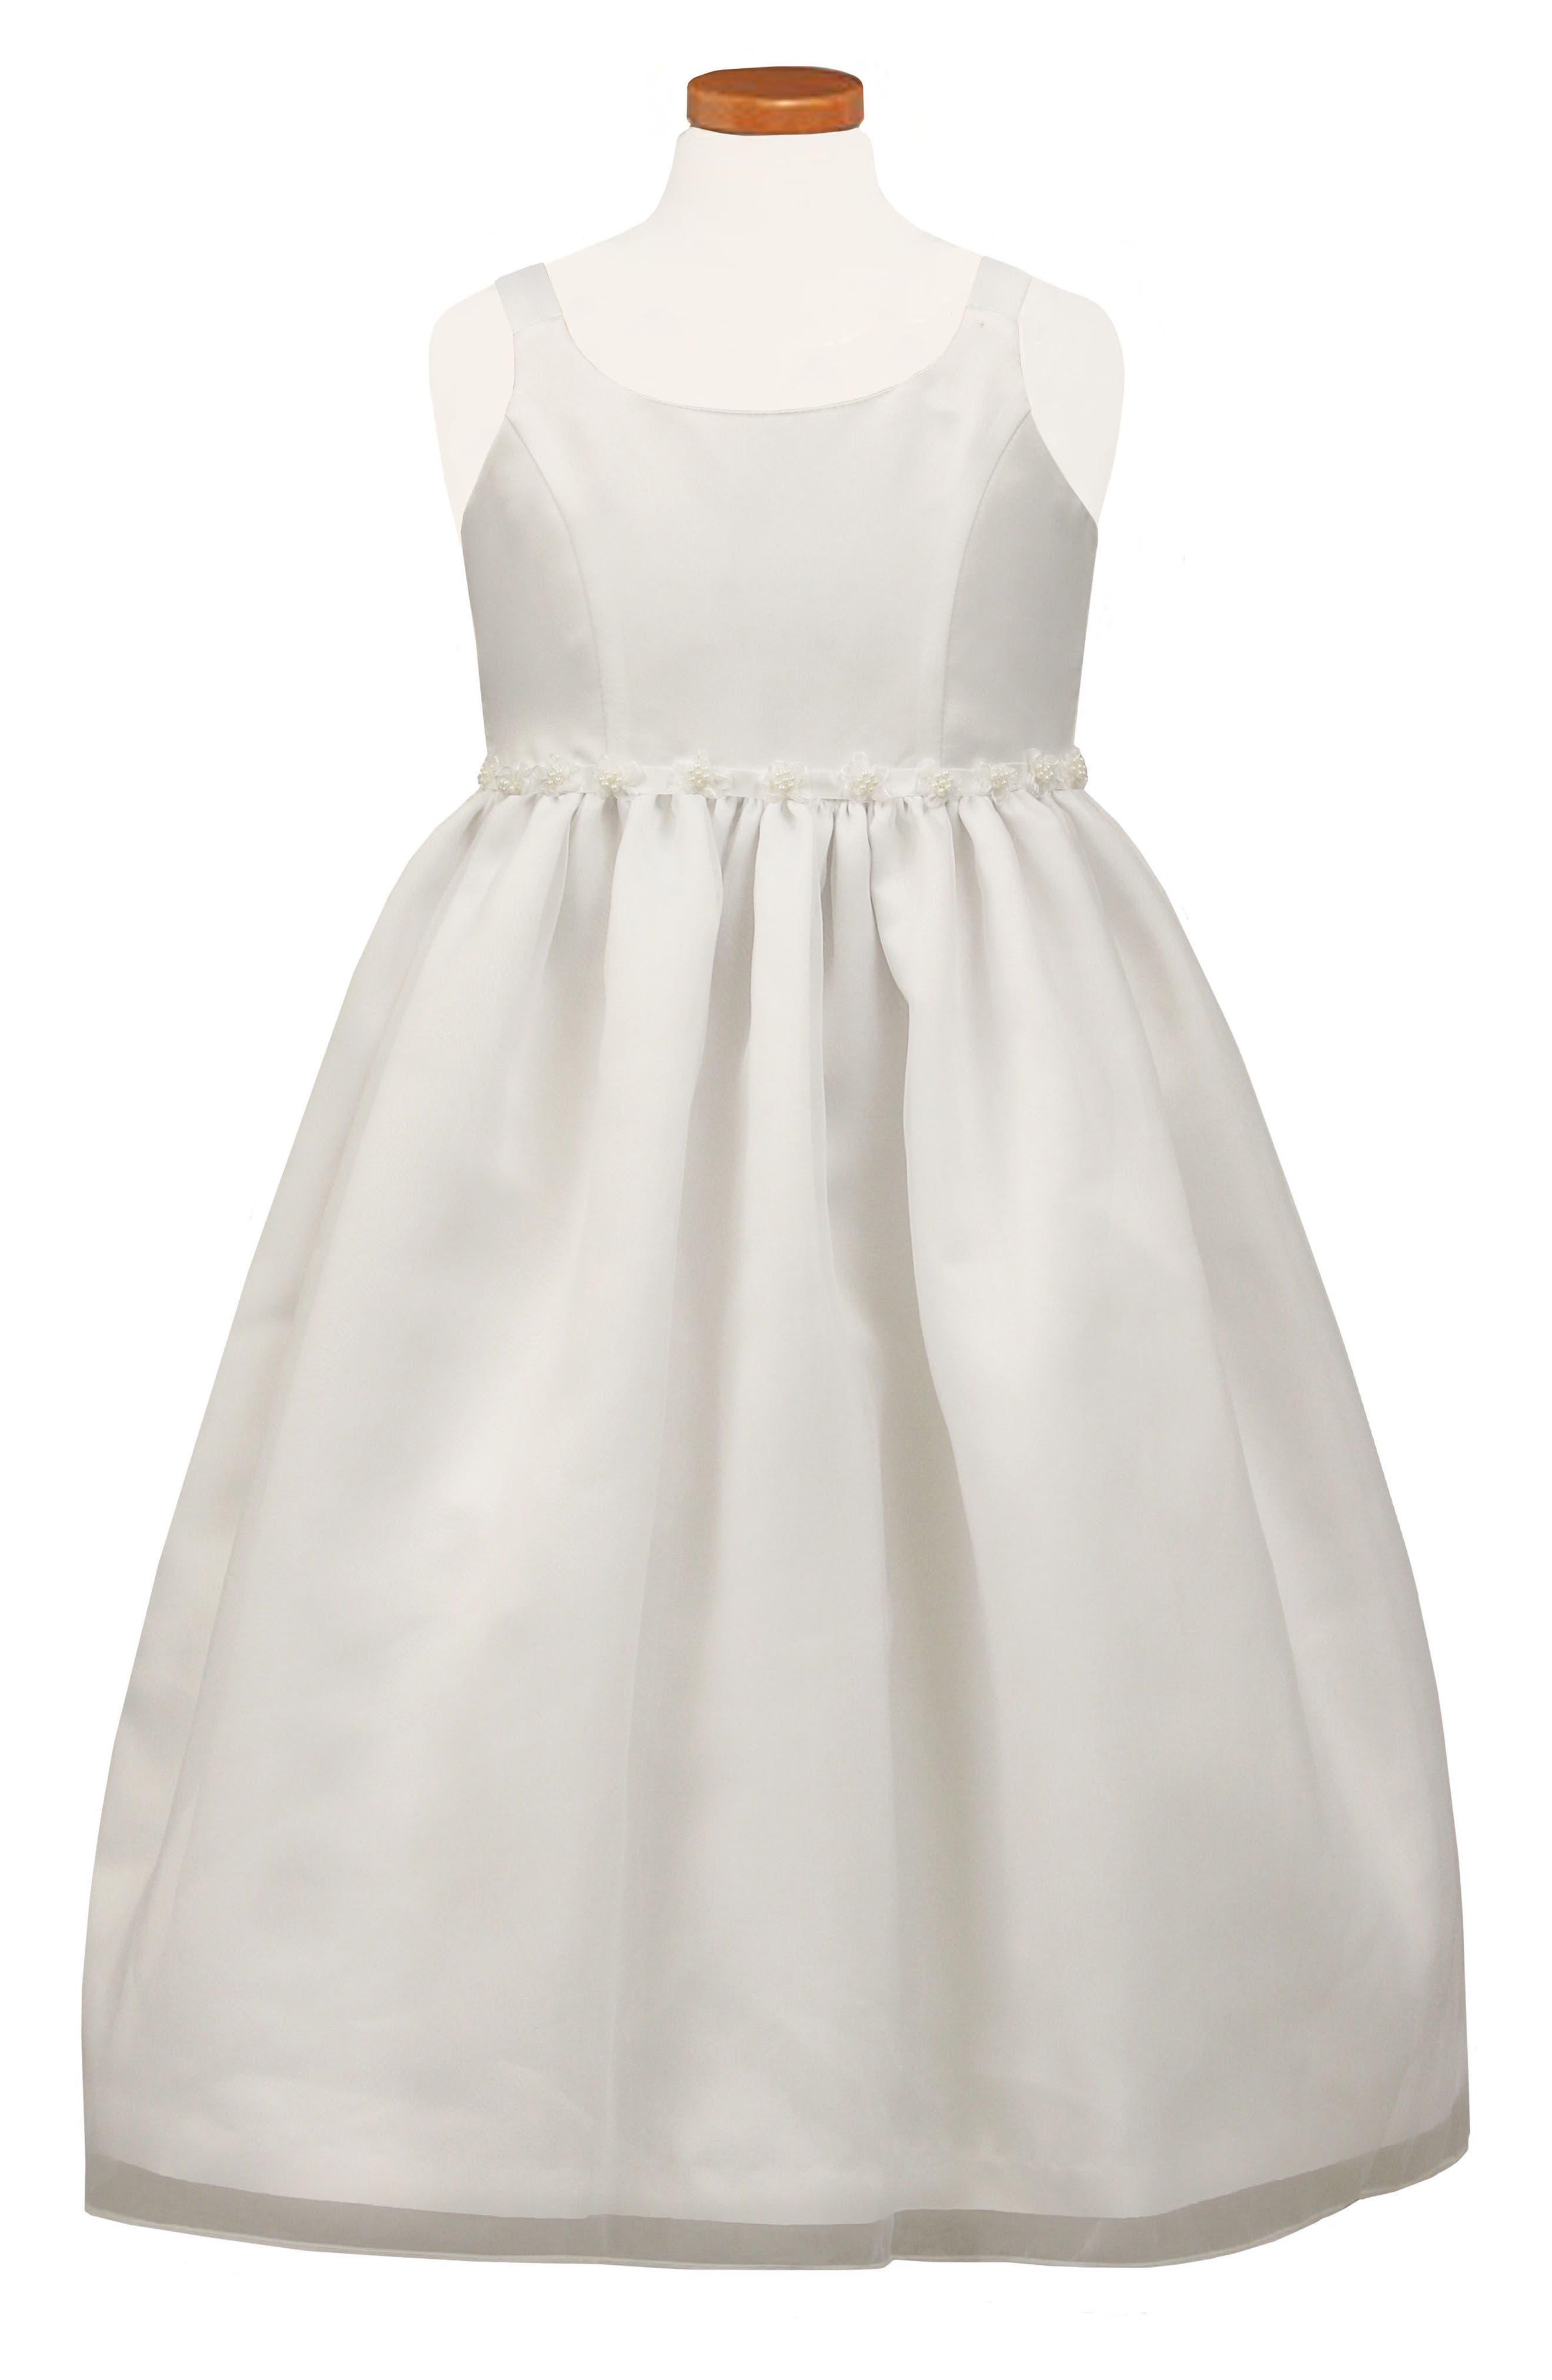 Main Image - Sorbet Beaded Flower Fit & Flare Dress (Toddler Girls & Little Girls)